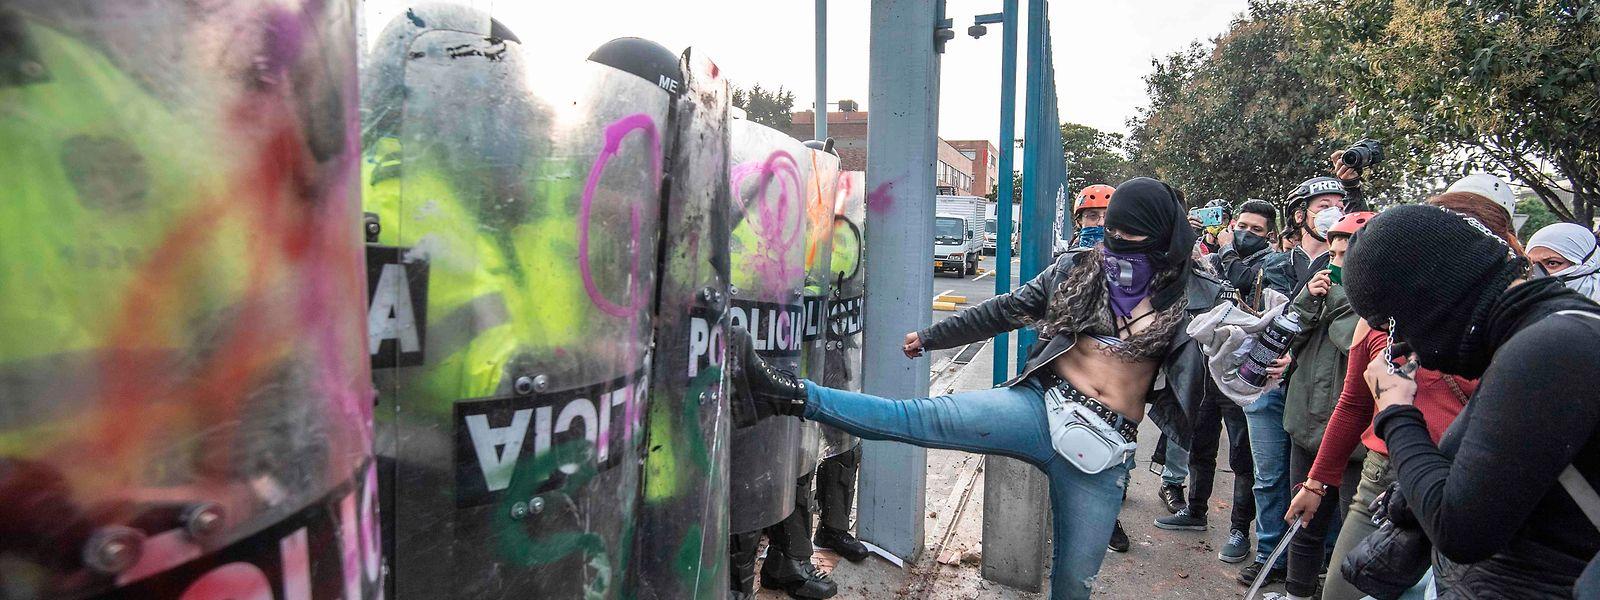 Auslöser der Protestwelle war der gewaltsame Tod eines Anwalts im Zuge einer Polizeikontrolle in Bogotá. Seitdem kommt das südamerikanische Land nicht mehr zur Ruhe.